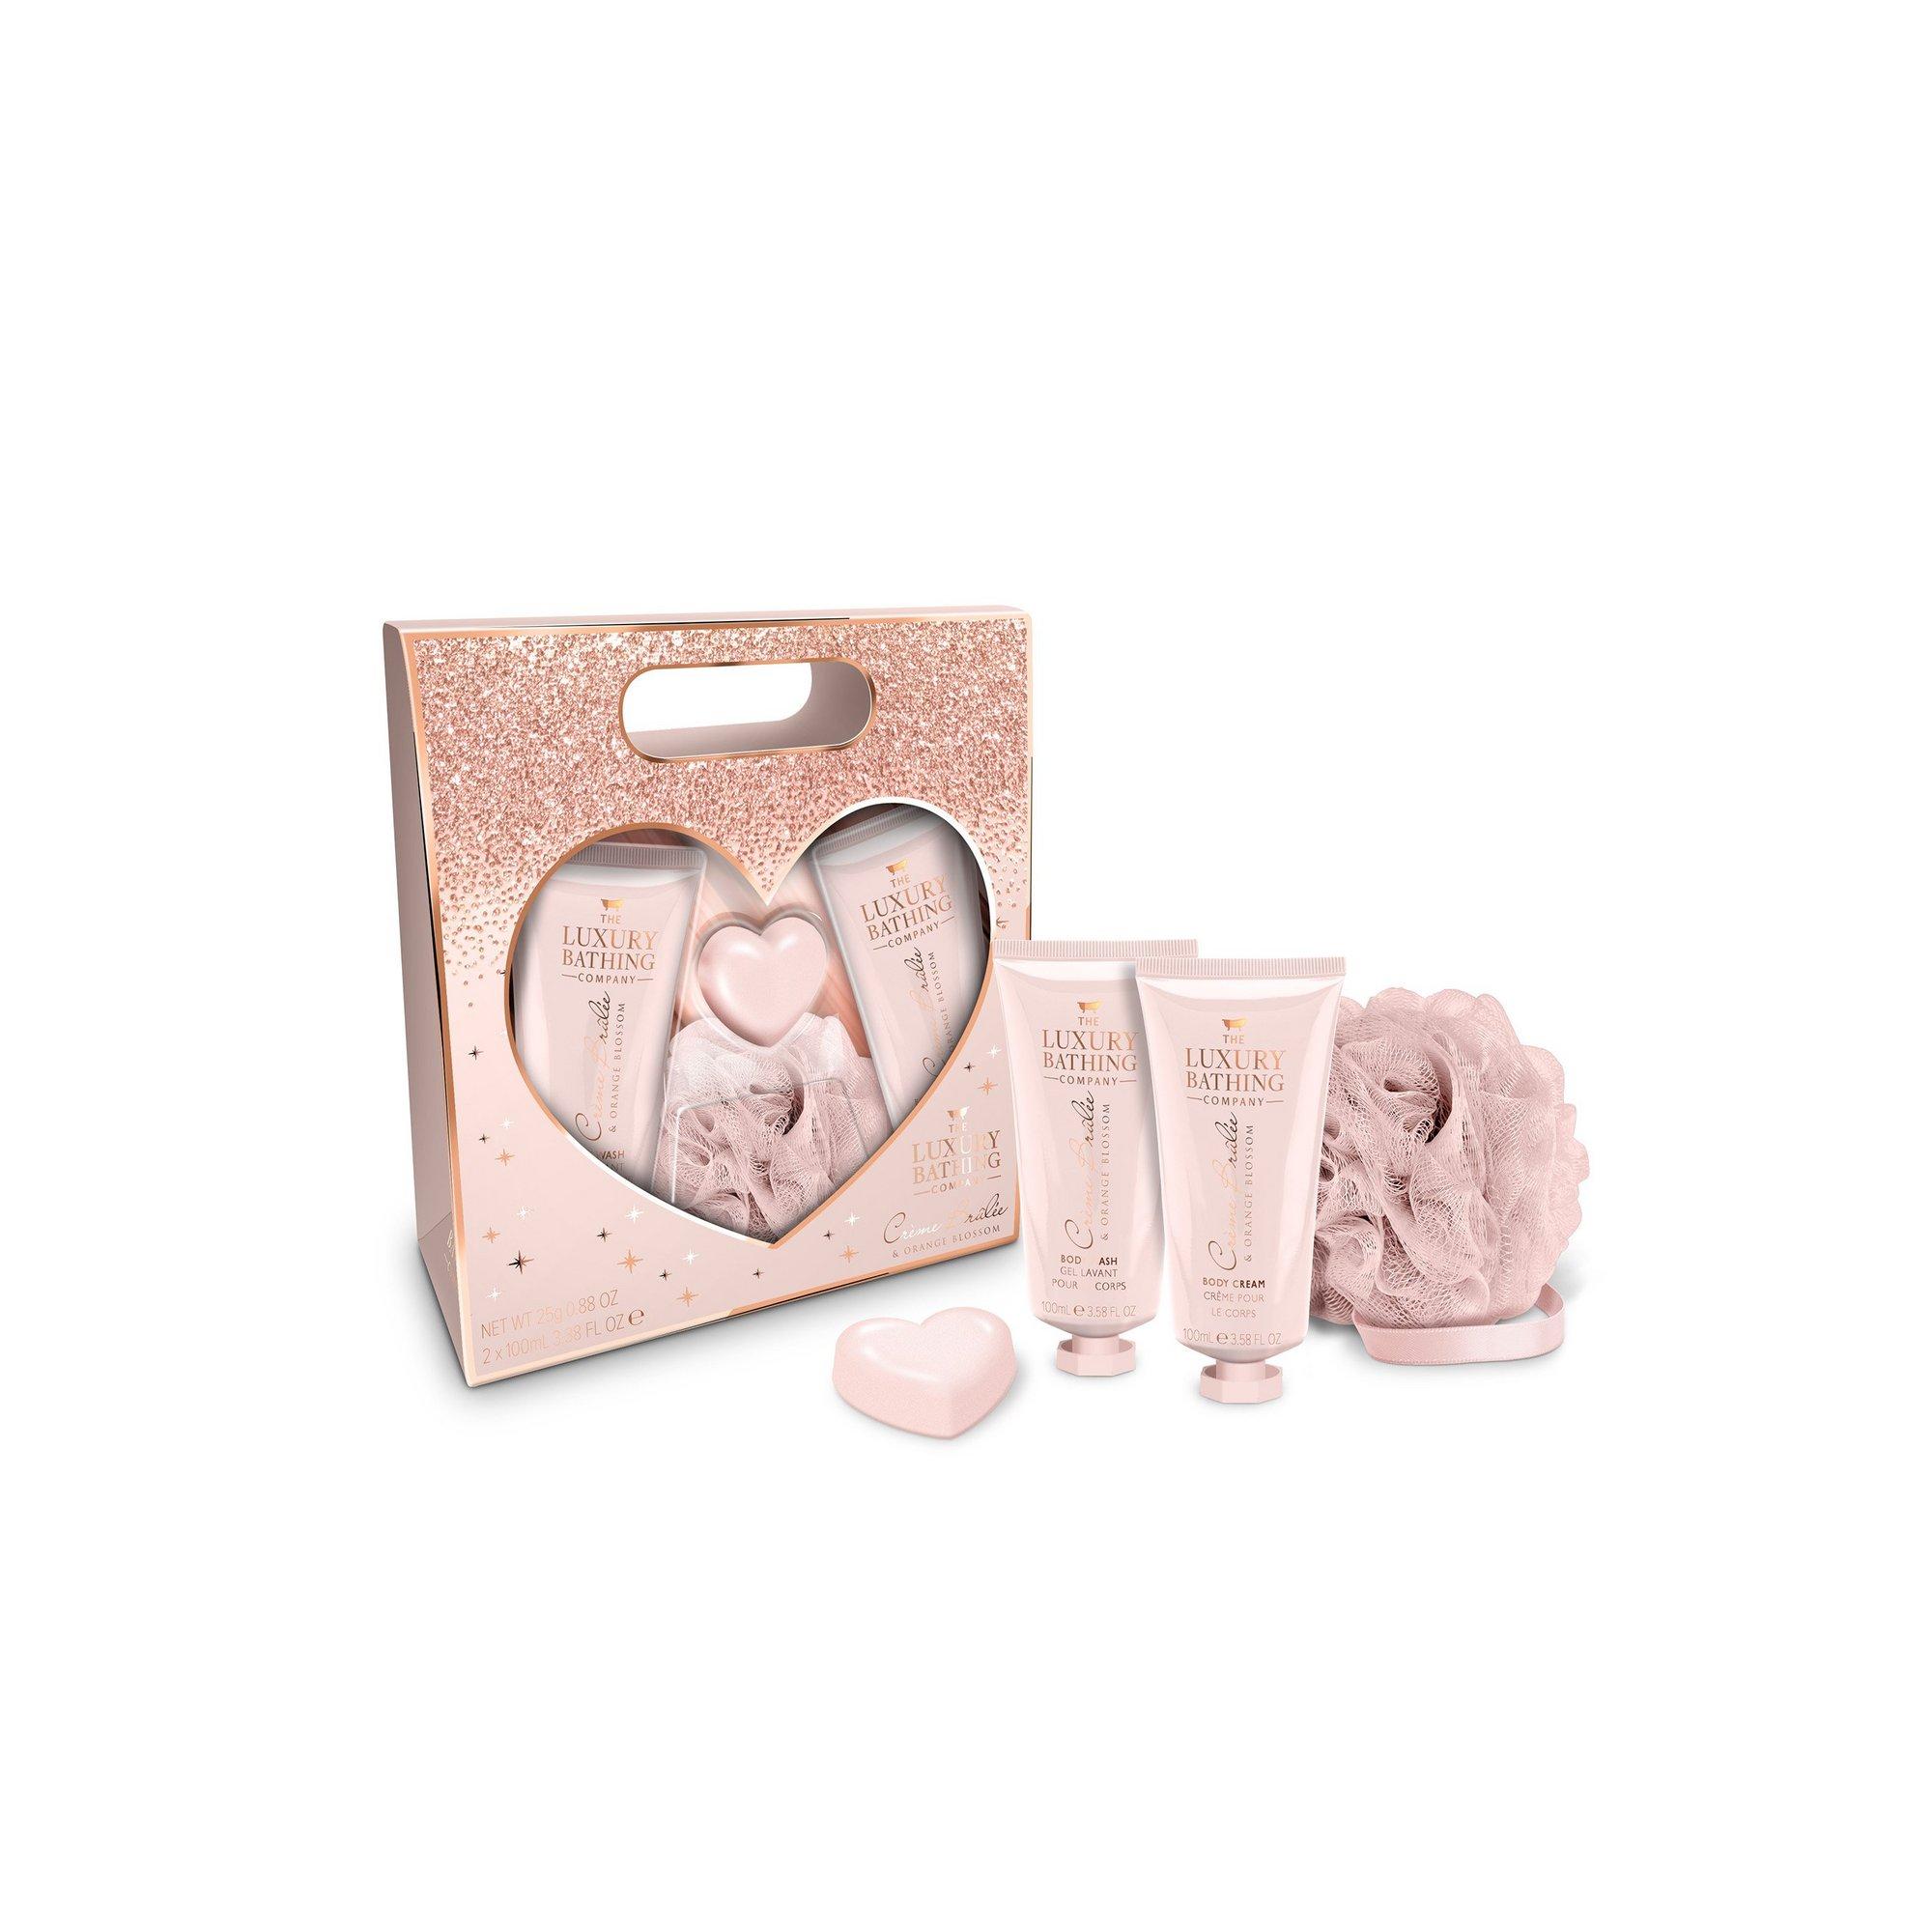 Image of Grace Cole Hearts A Flutter Creme Brulee + Orange Blossom Gift Set